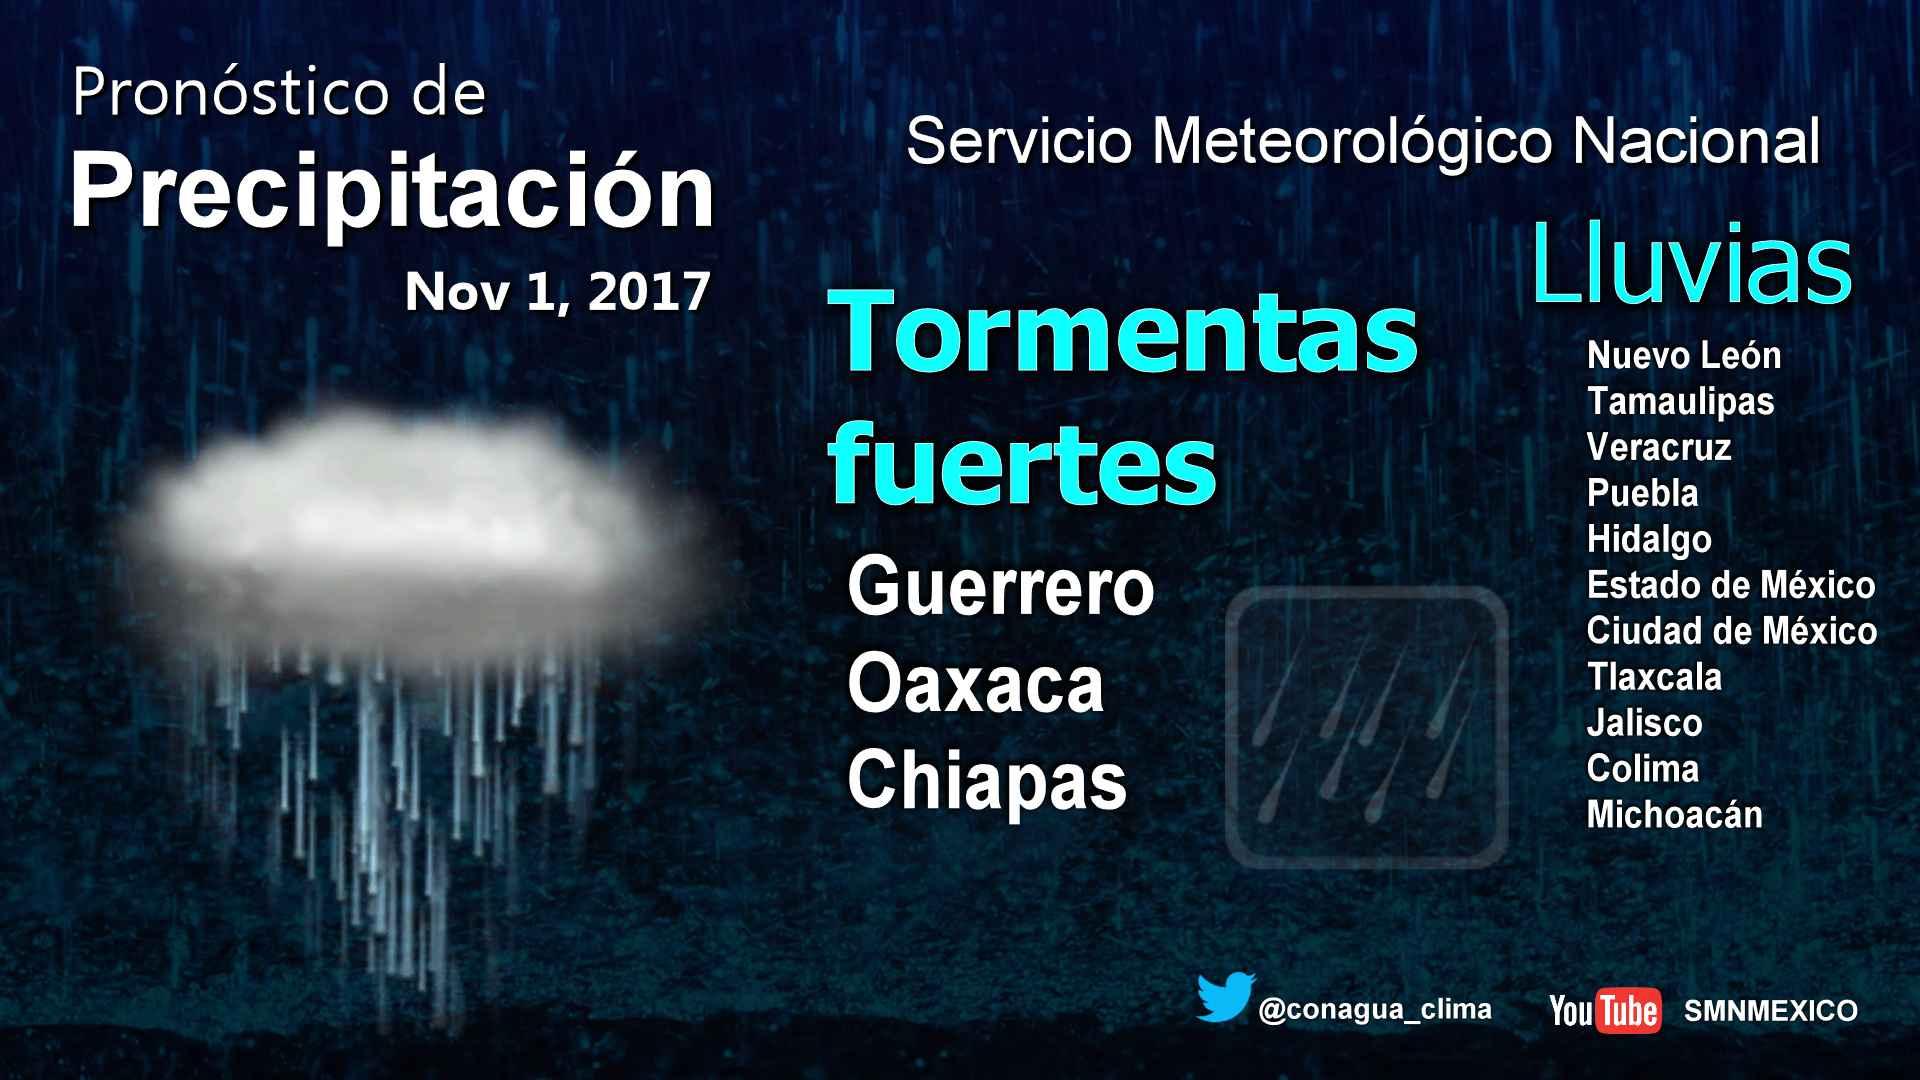 Se mantiene el pronóstico de lluvias con intervalos de chubascos para Tlaxcala